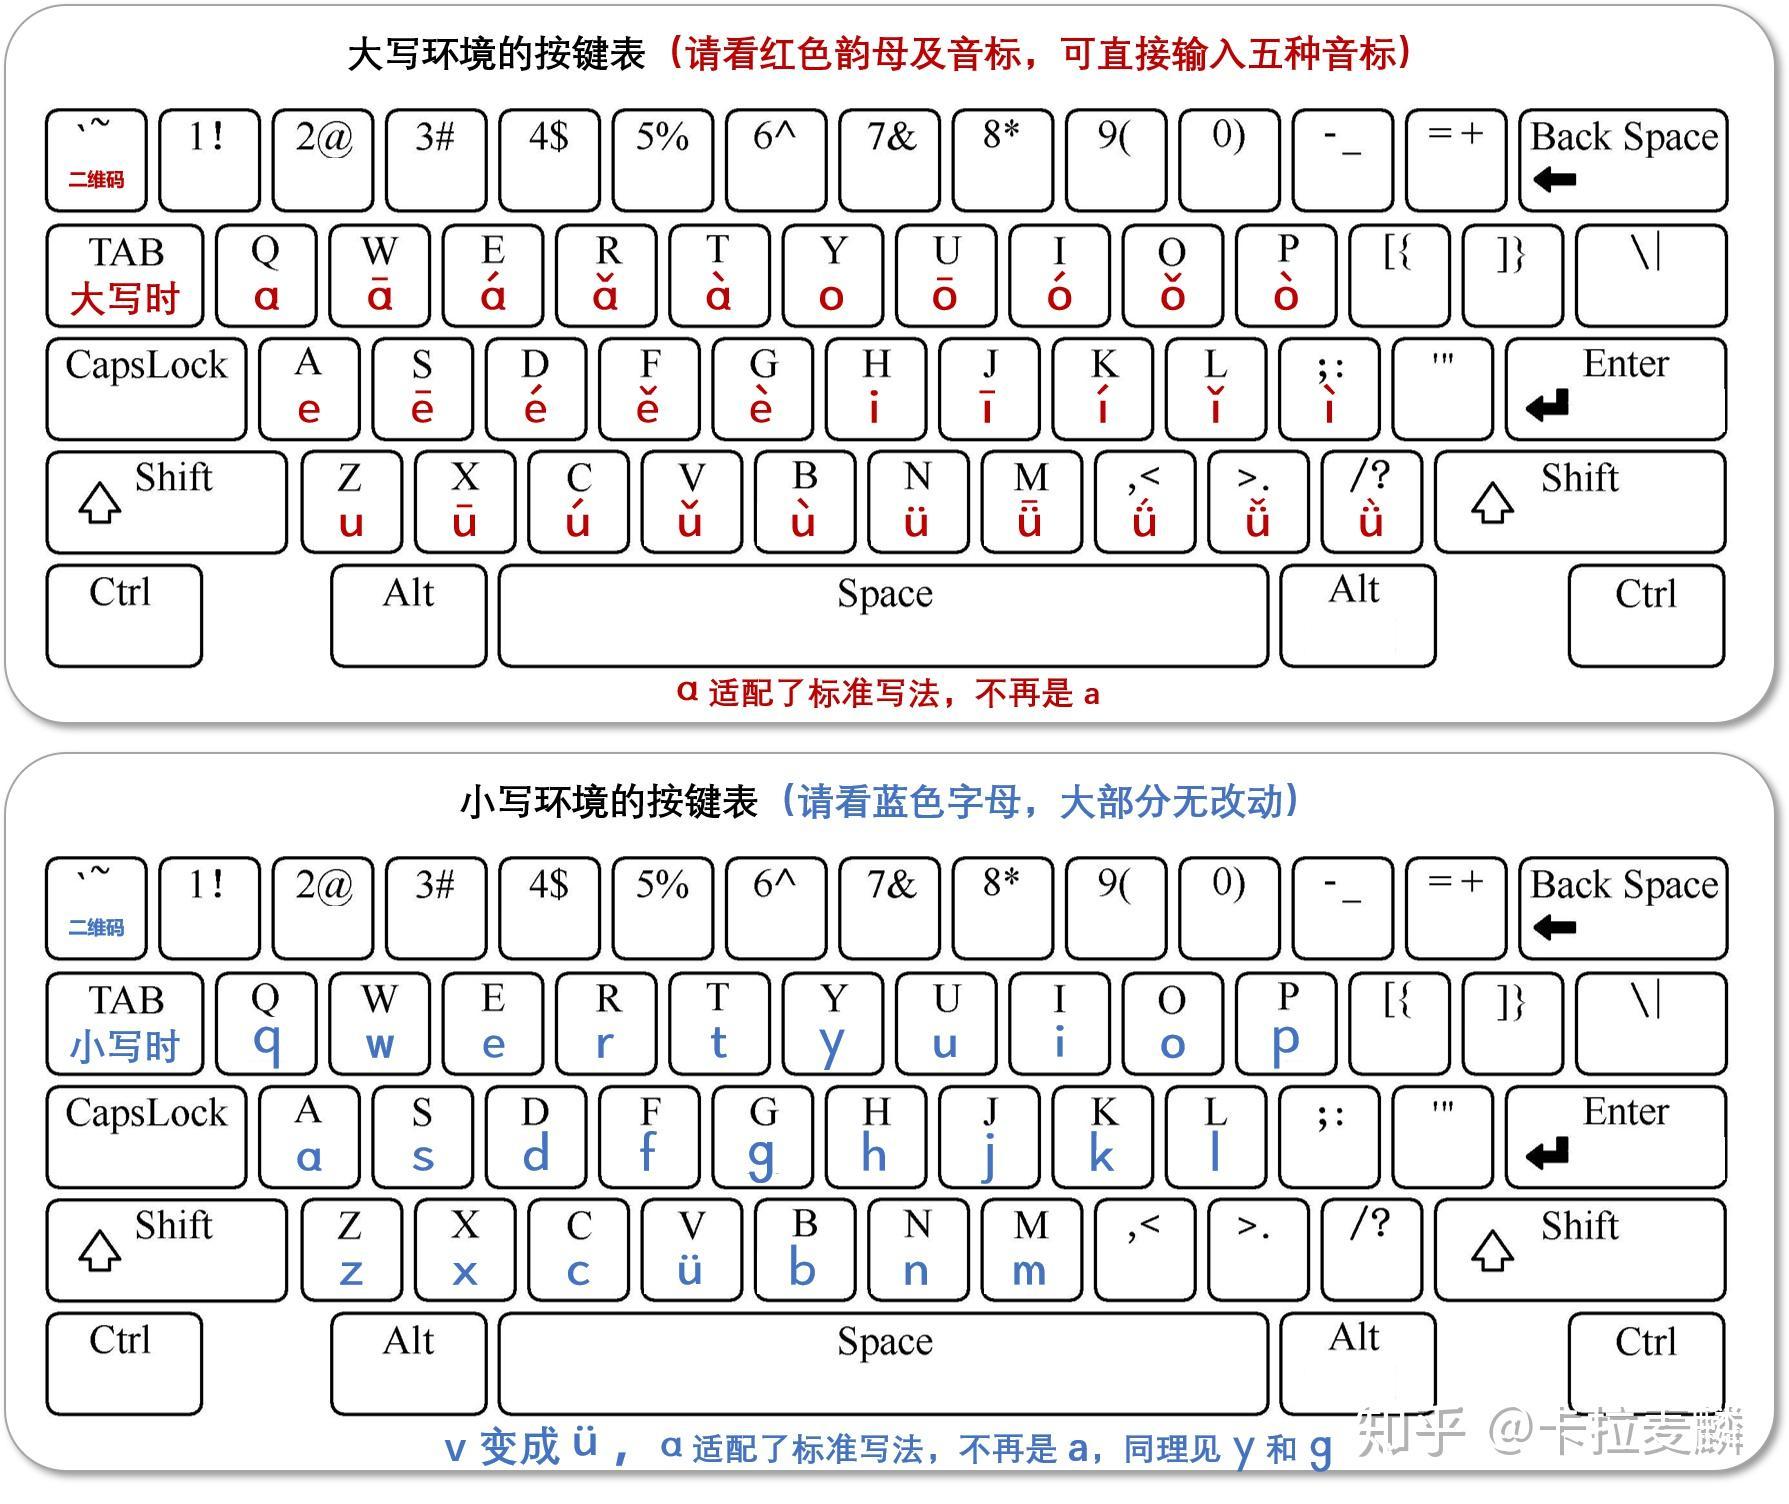 一年级语文讲解:汉语拼音i、u、ü知识,以及占格方式和书写格式